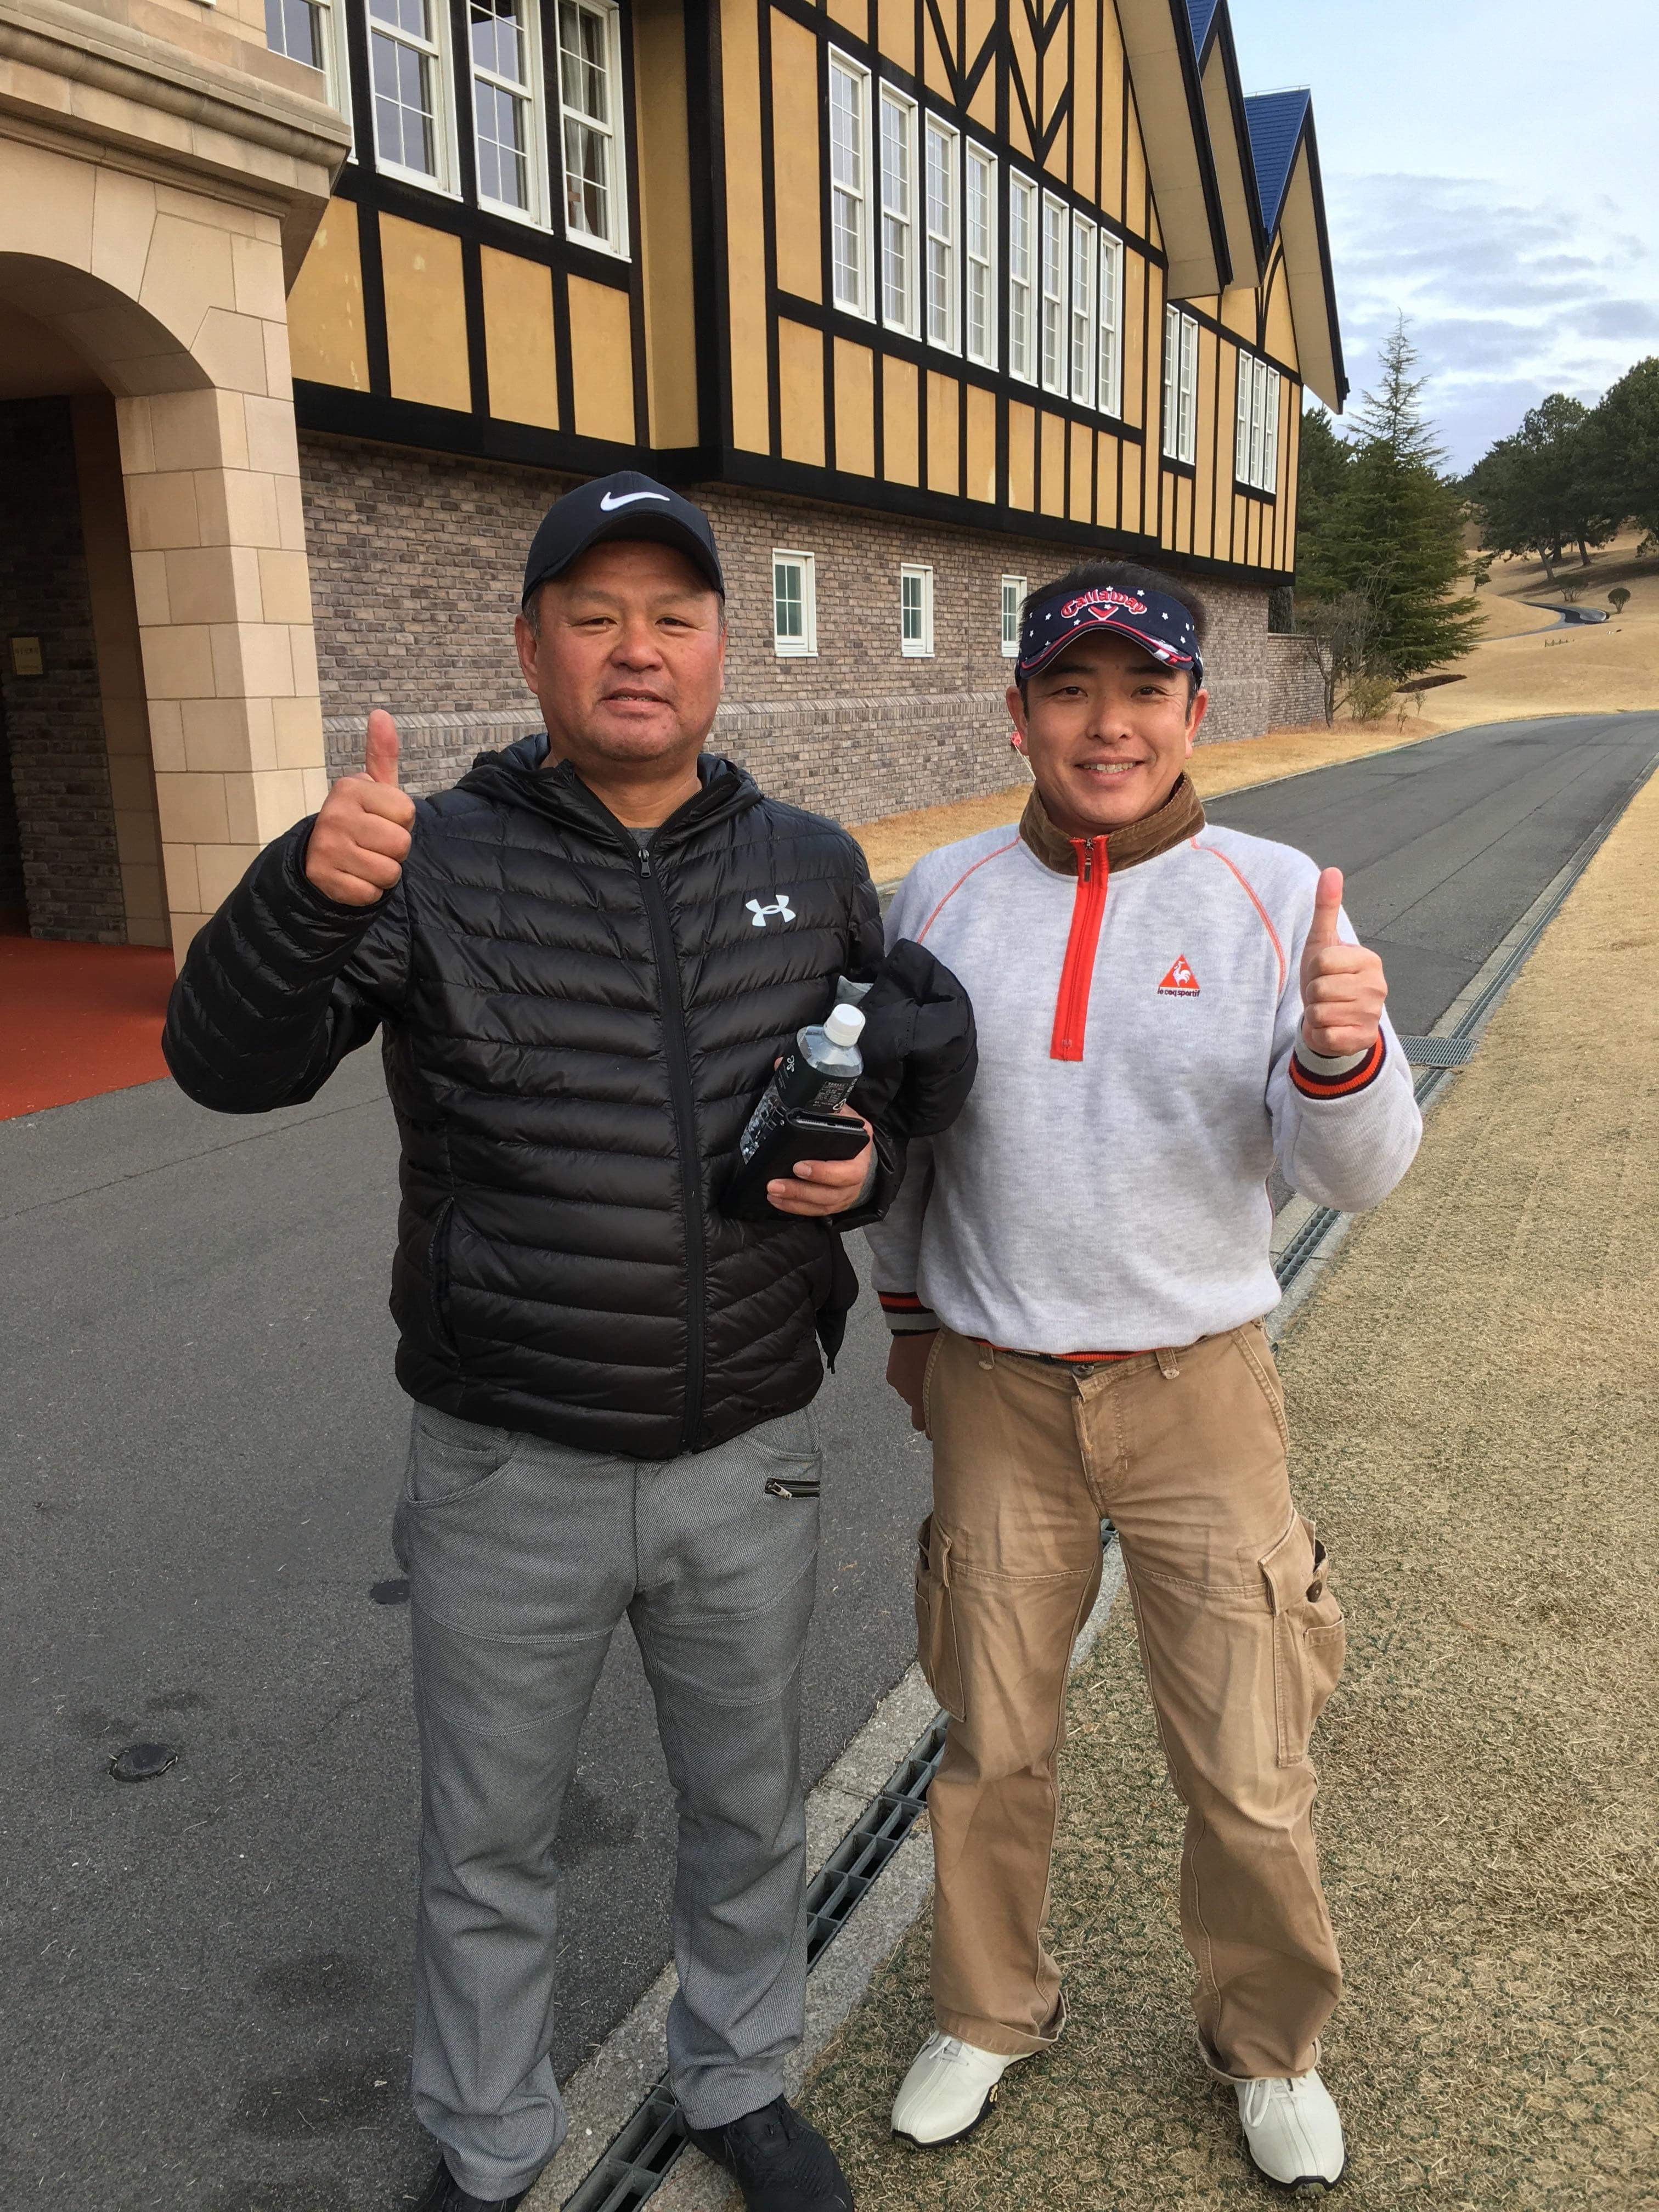 真冬のプレーでも、元プロ野球選手と最初から最後まで笑いまくりながらのゴルフは熱くて楽しすぎました! 兵庫県 「太平洋クラブ 六甲コース」